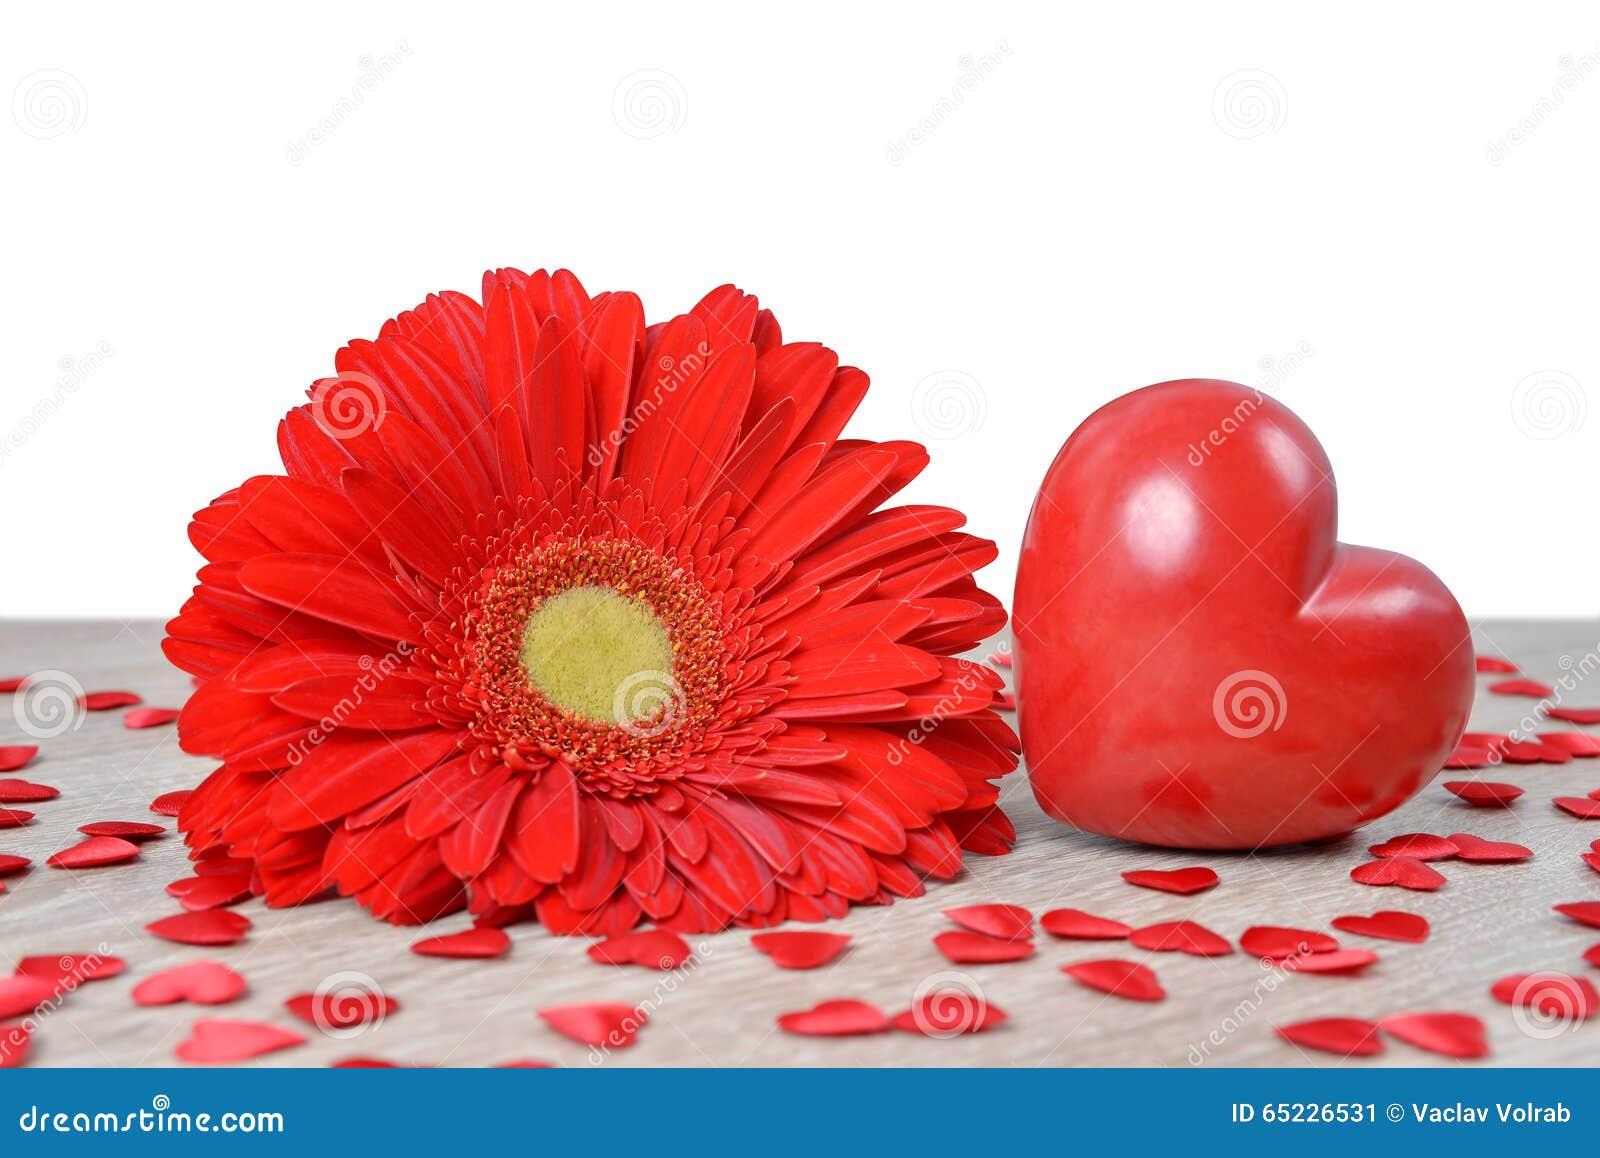 Czerwony serce z gerbera kwiatem na stole